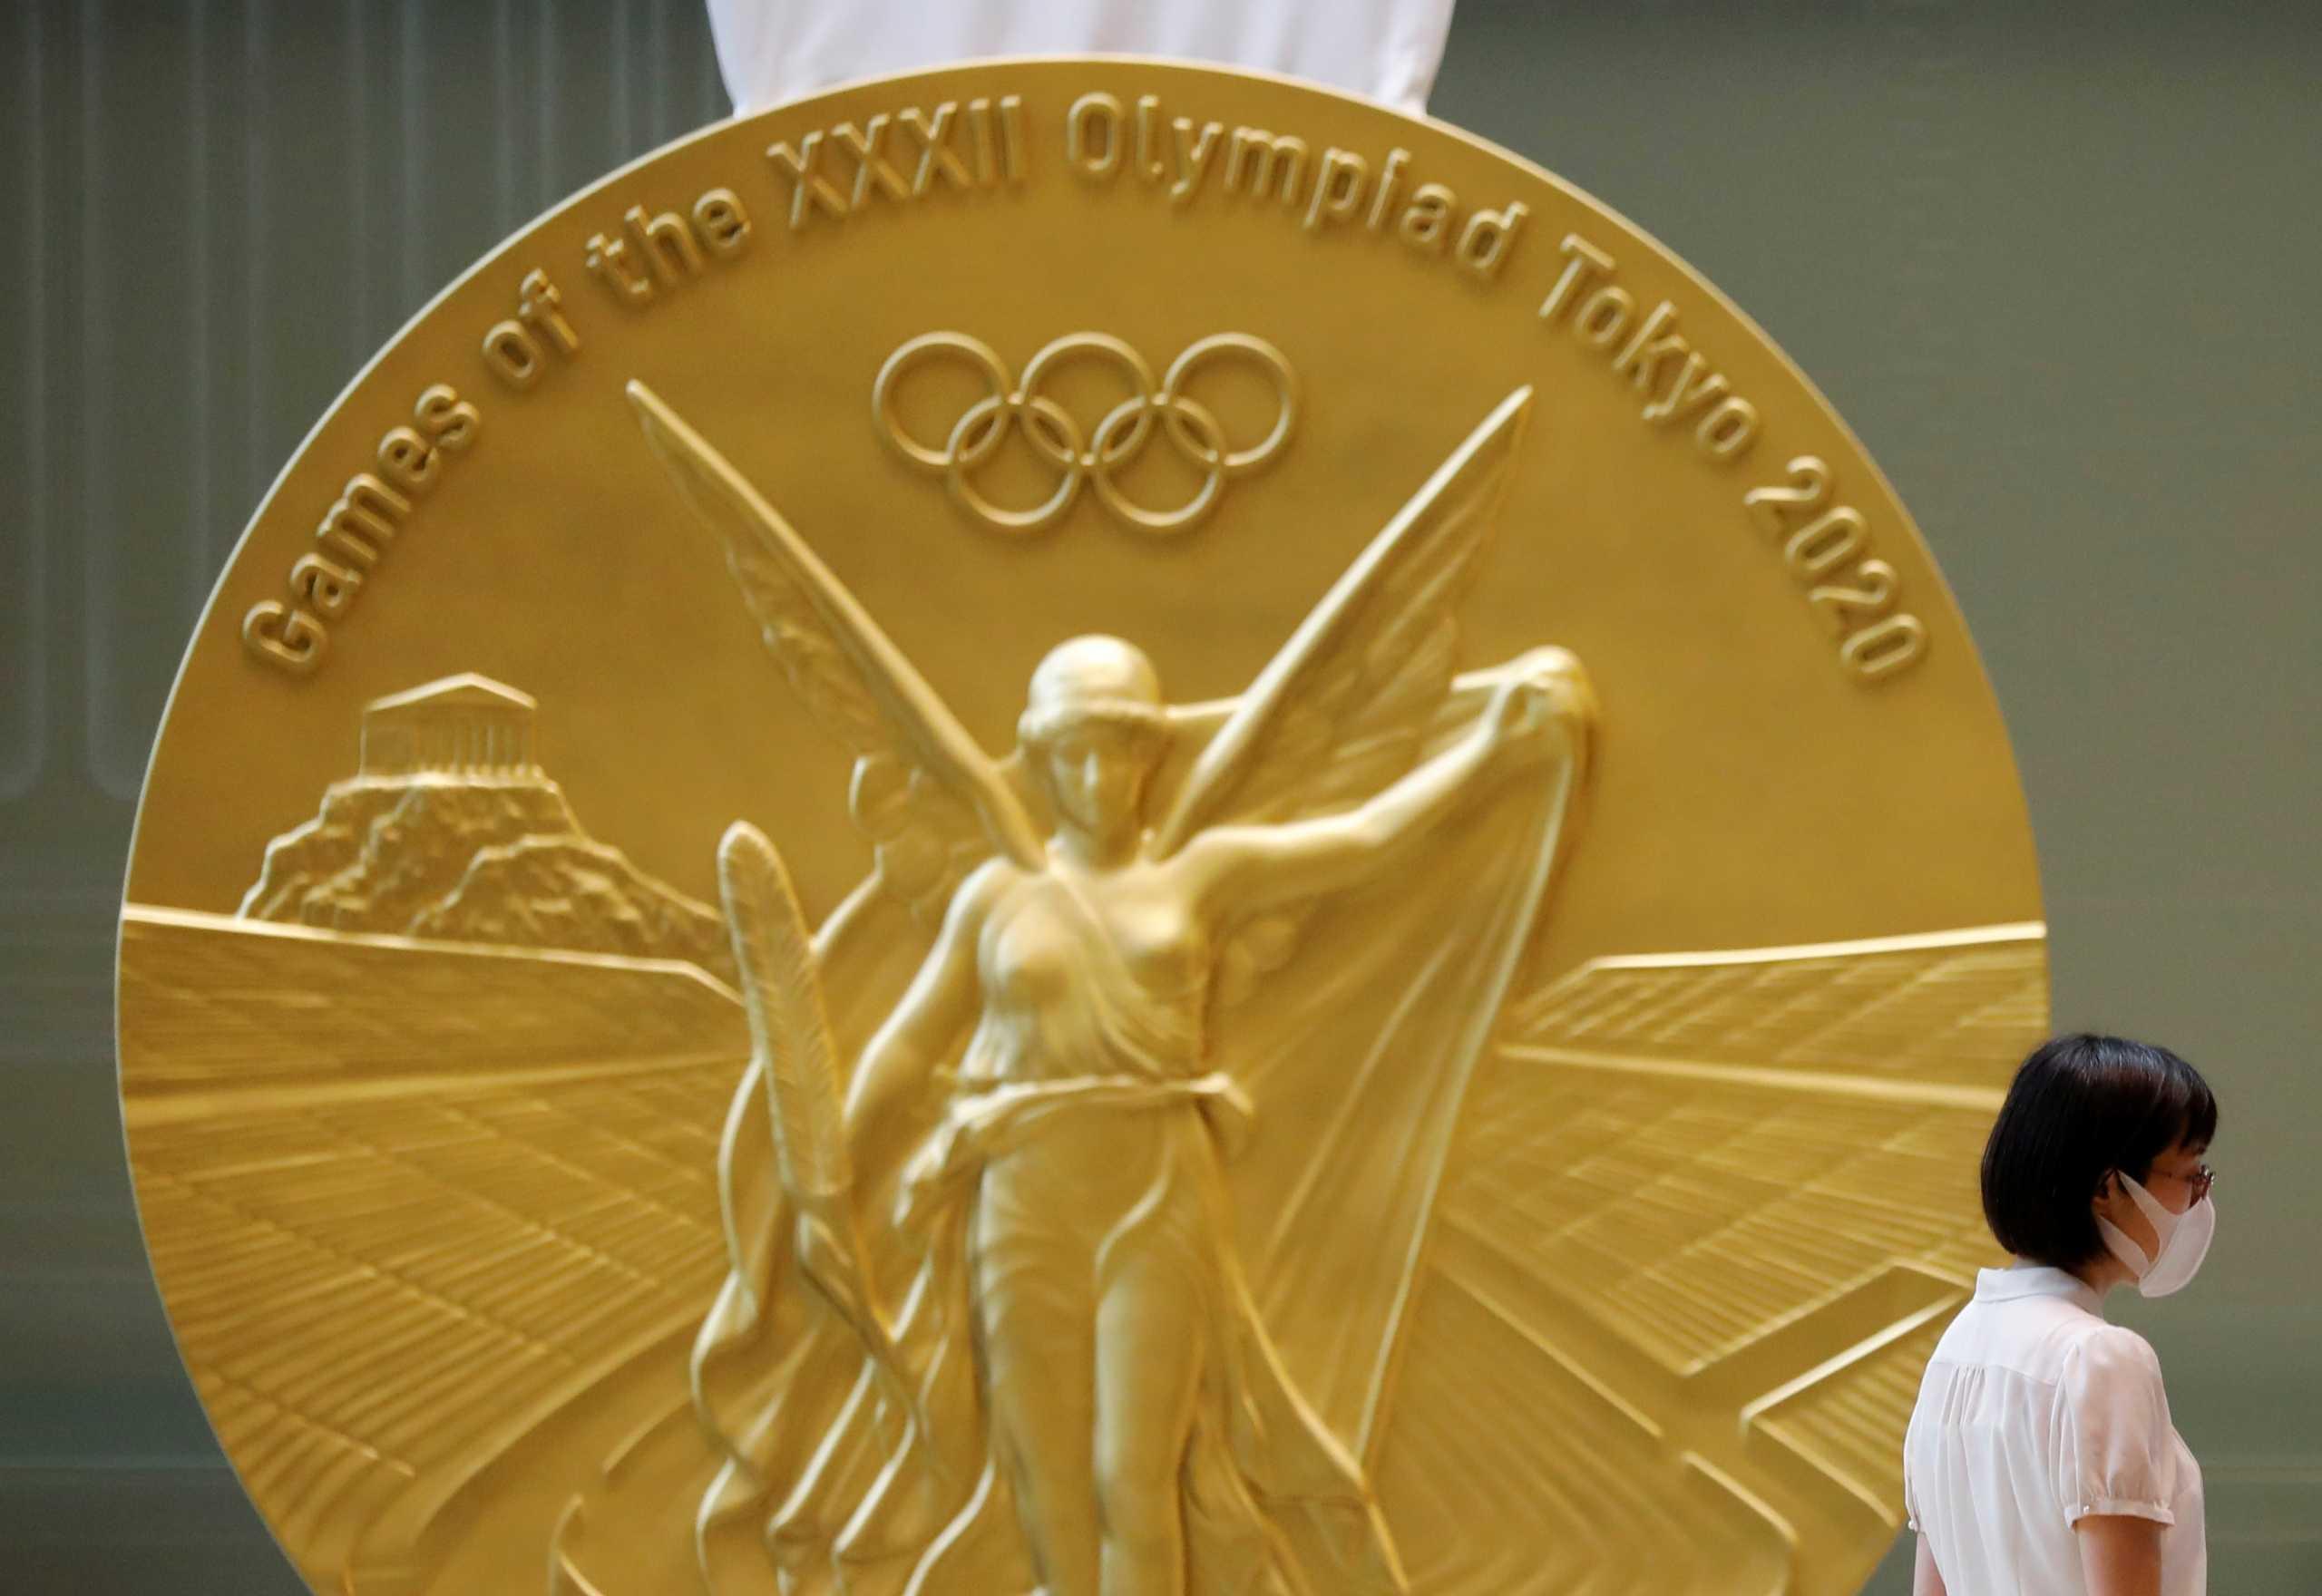 Ολυμπιακοί Αγώνες: Ο κορονοϊός αλλάζει τη διαδικασία στις απονομές των μεταλλίων